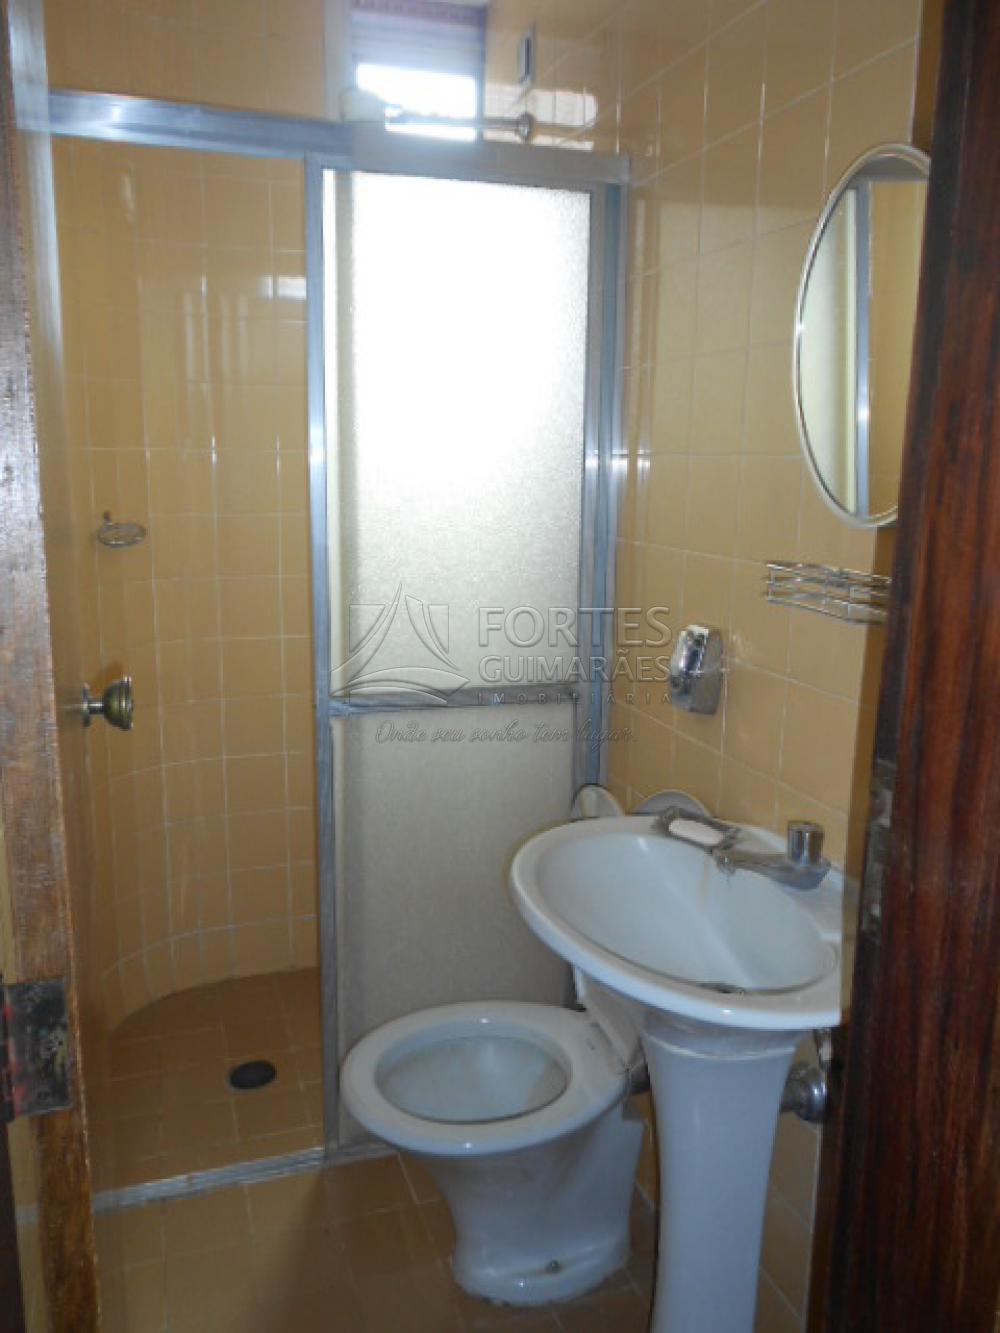 Alugar Apartamentos / Padrão em Ribeirão Preto apenas R$ 1.500,00 - Foto 76